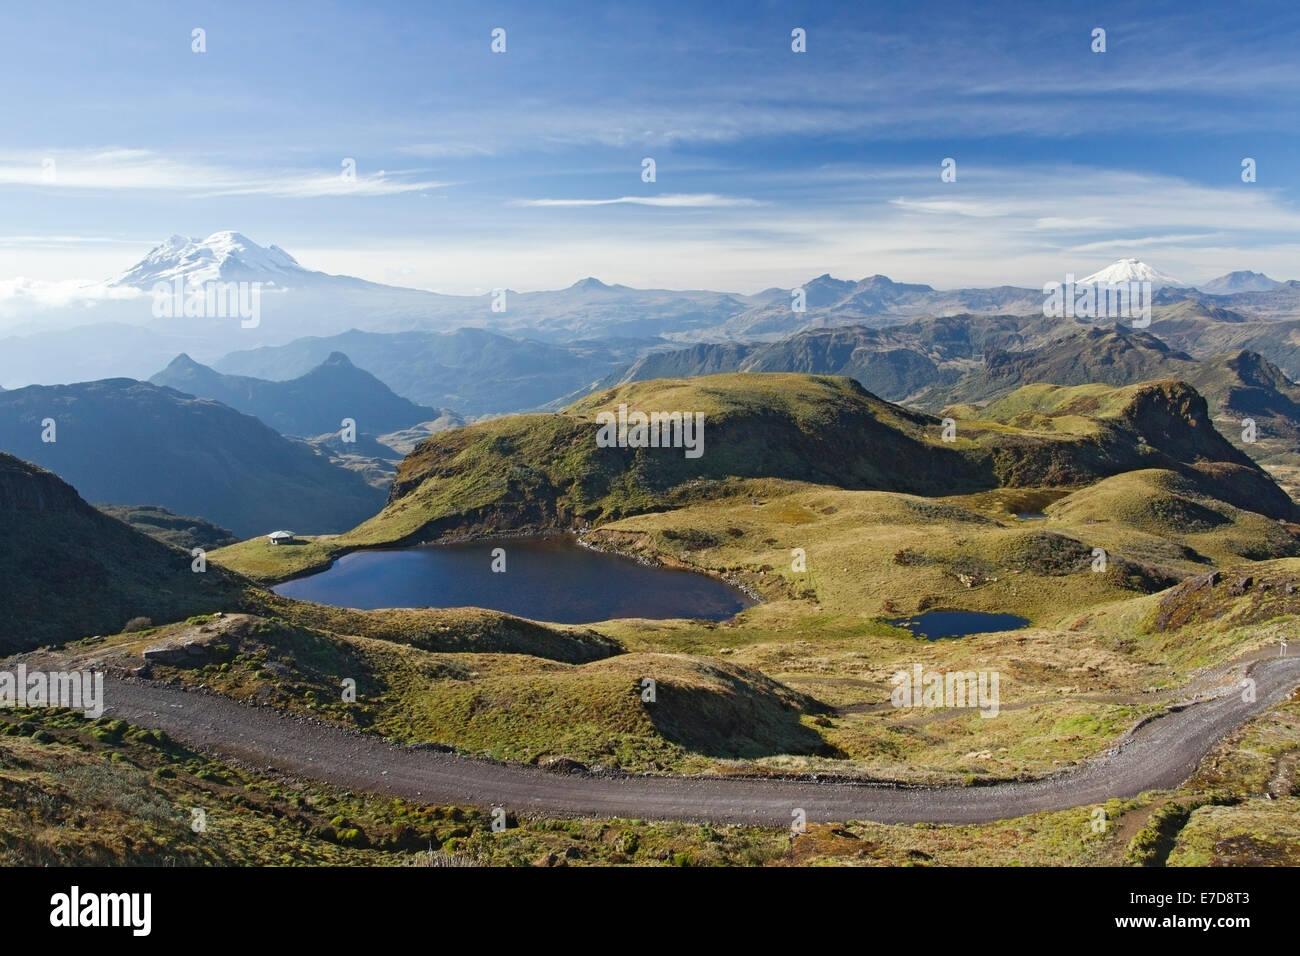 Papallacta Pass, Blick vom Gipfel in Richtung Antisana und Cotopaxi Vulkane, Anden, Ecuador, Südamerika Stockbild